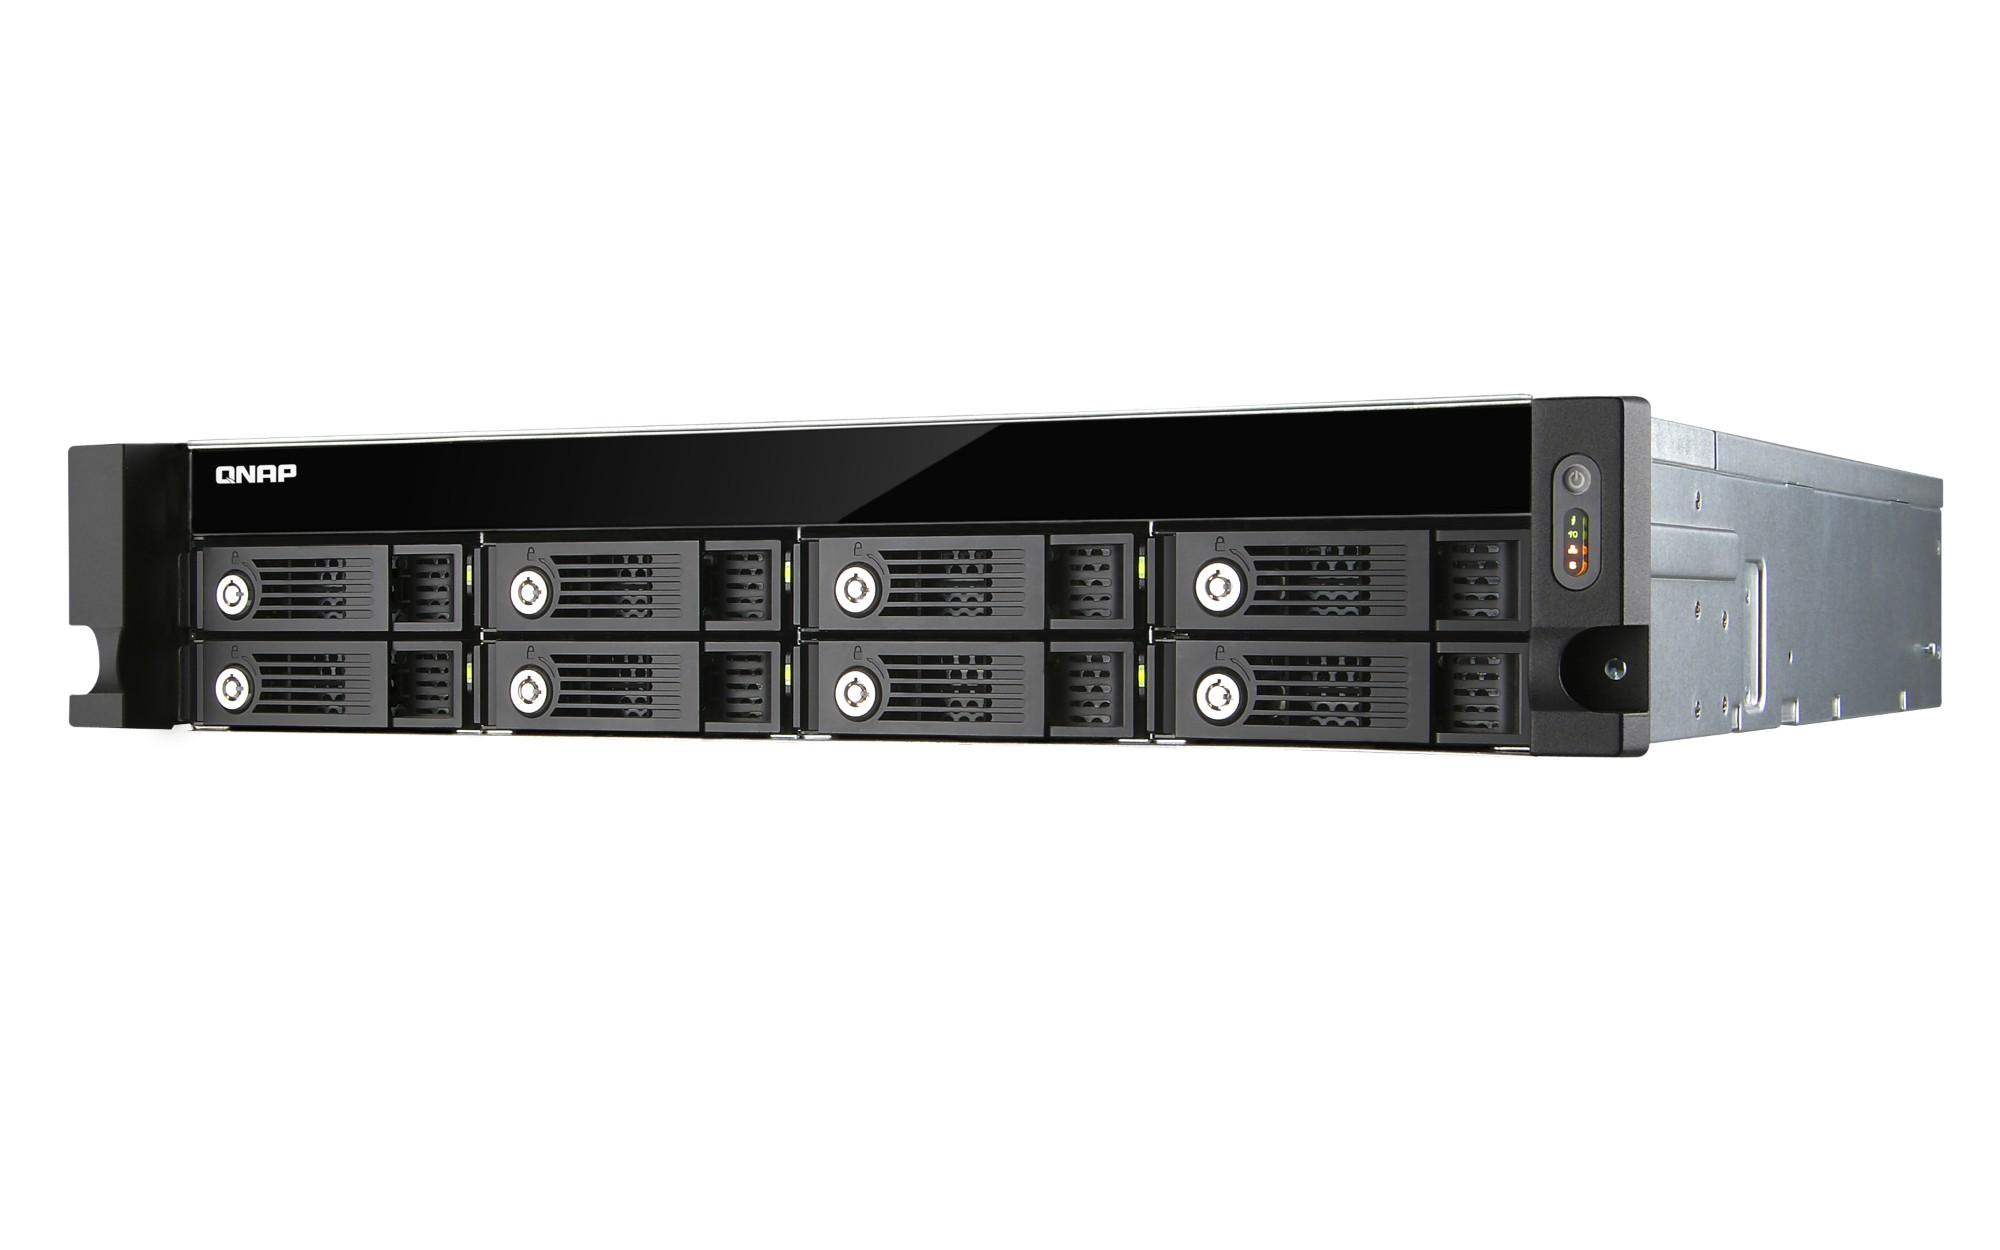 QNAP TVS-871U-RP NAS Rack (2U) Ethernet LAN Black,Grey